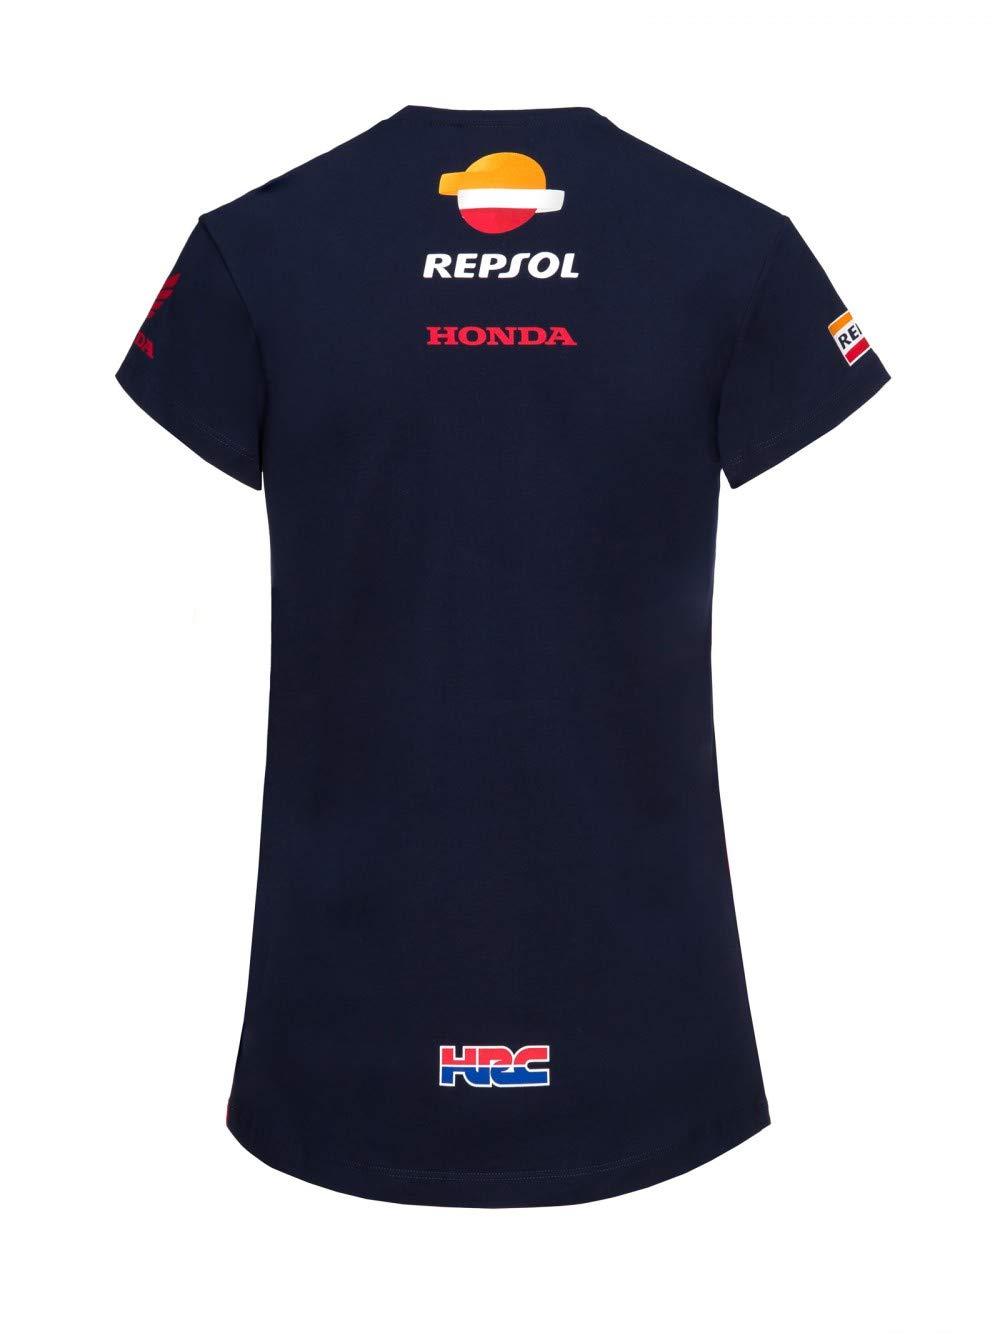 Repsol Honda MotoGP MotoGP MotoGP 2018 Ladies & Team t-Shirt, Maglietta da Ragazza, Marquez Pedrosa, Scarpette a Strappo Voltaic 3 Velcro Fade - Bambini, donna (M) Chest 89cm 35 inch | Buy Speciale  | Premio pazzesco, Birmingham  | Buona reputazione a livello mondial 269150